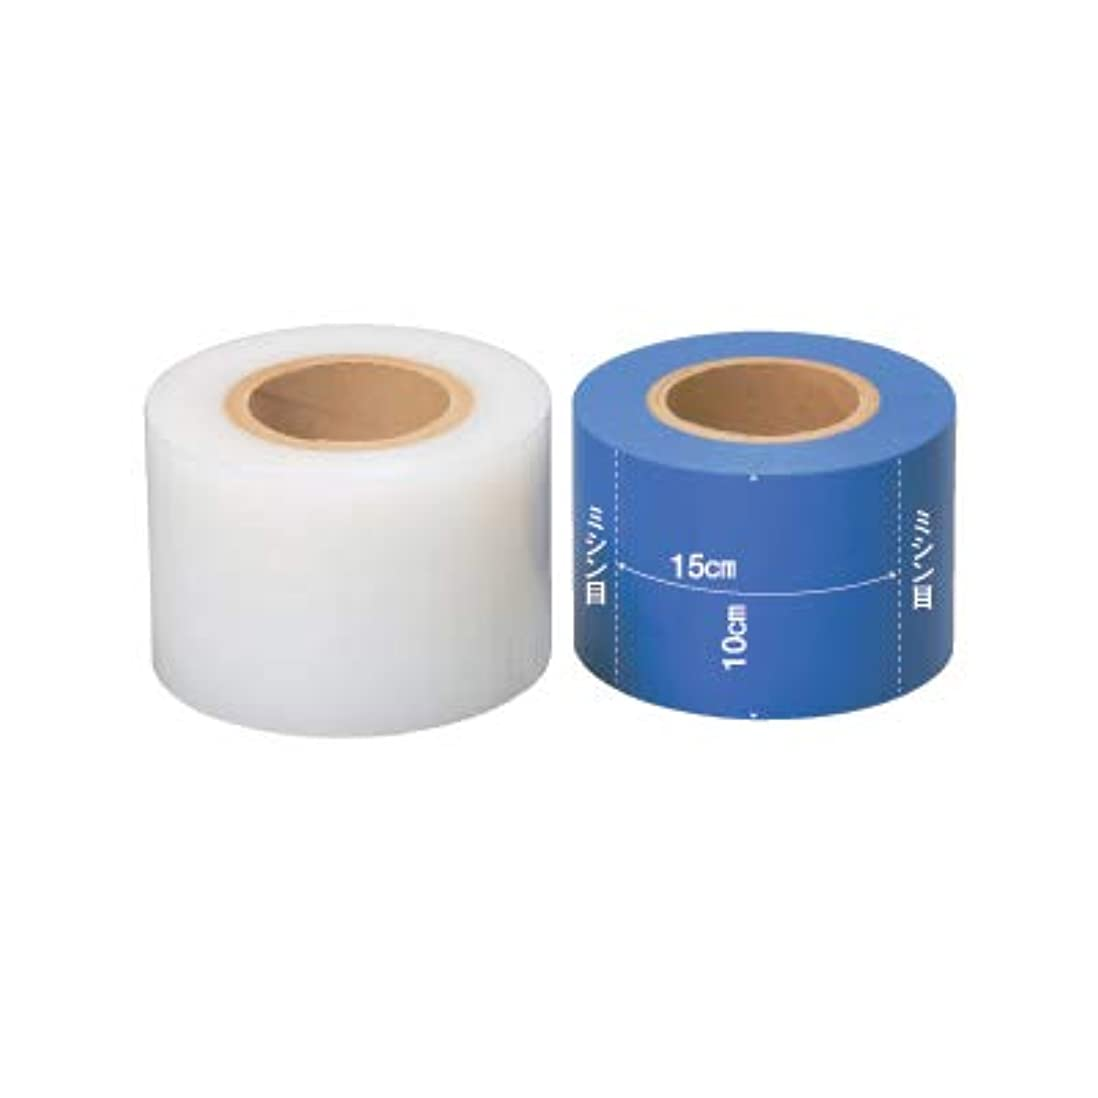 与える利得脇に(ロータス)LOTUS バリアフィルムテープ 10cm×180m (保護用テープ ミシン目あり) (ブルー)